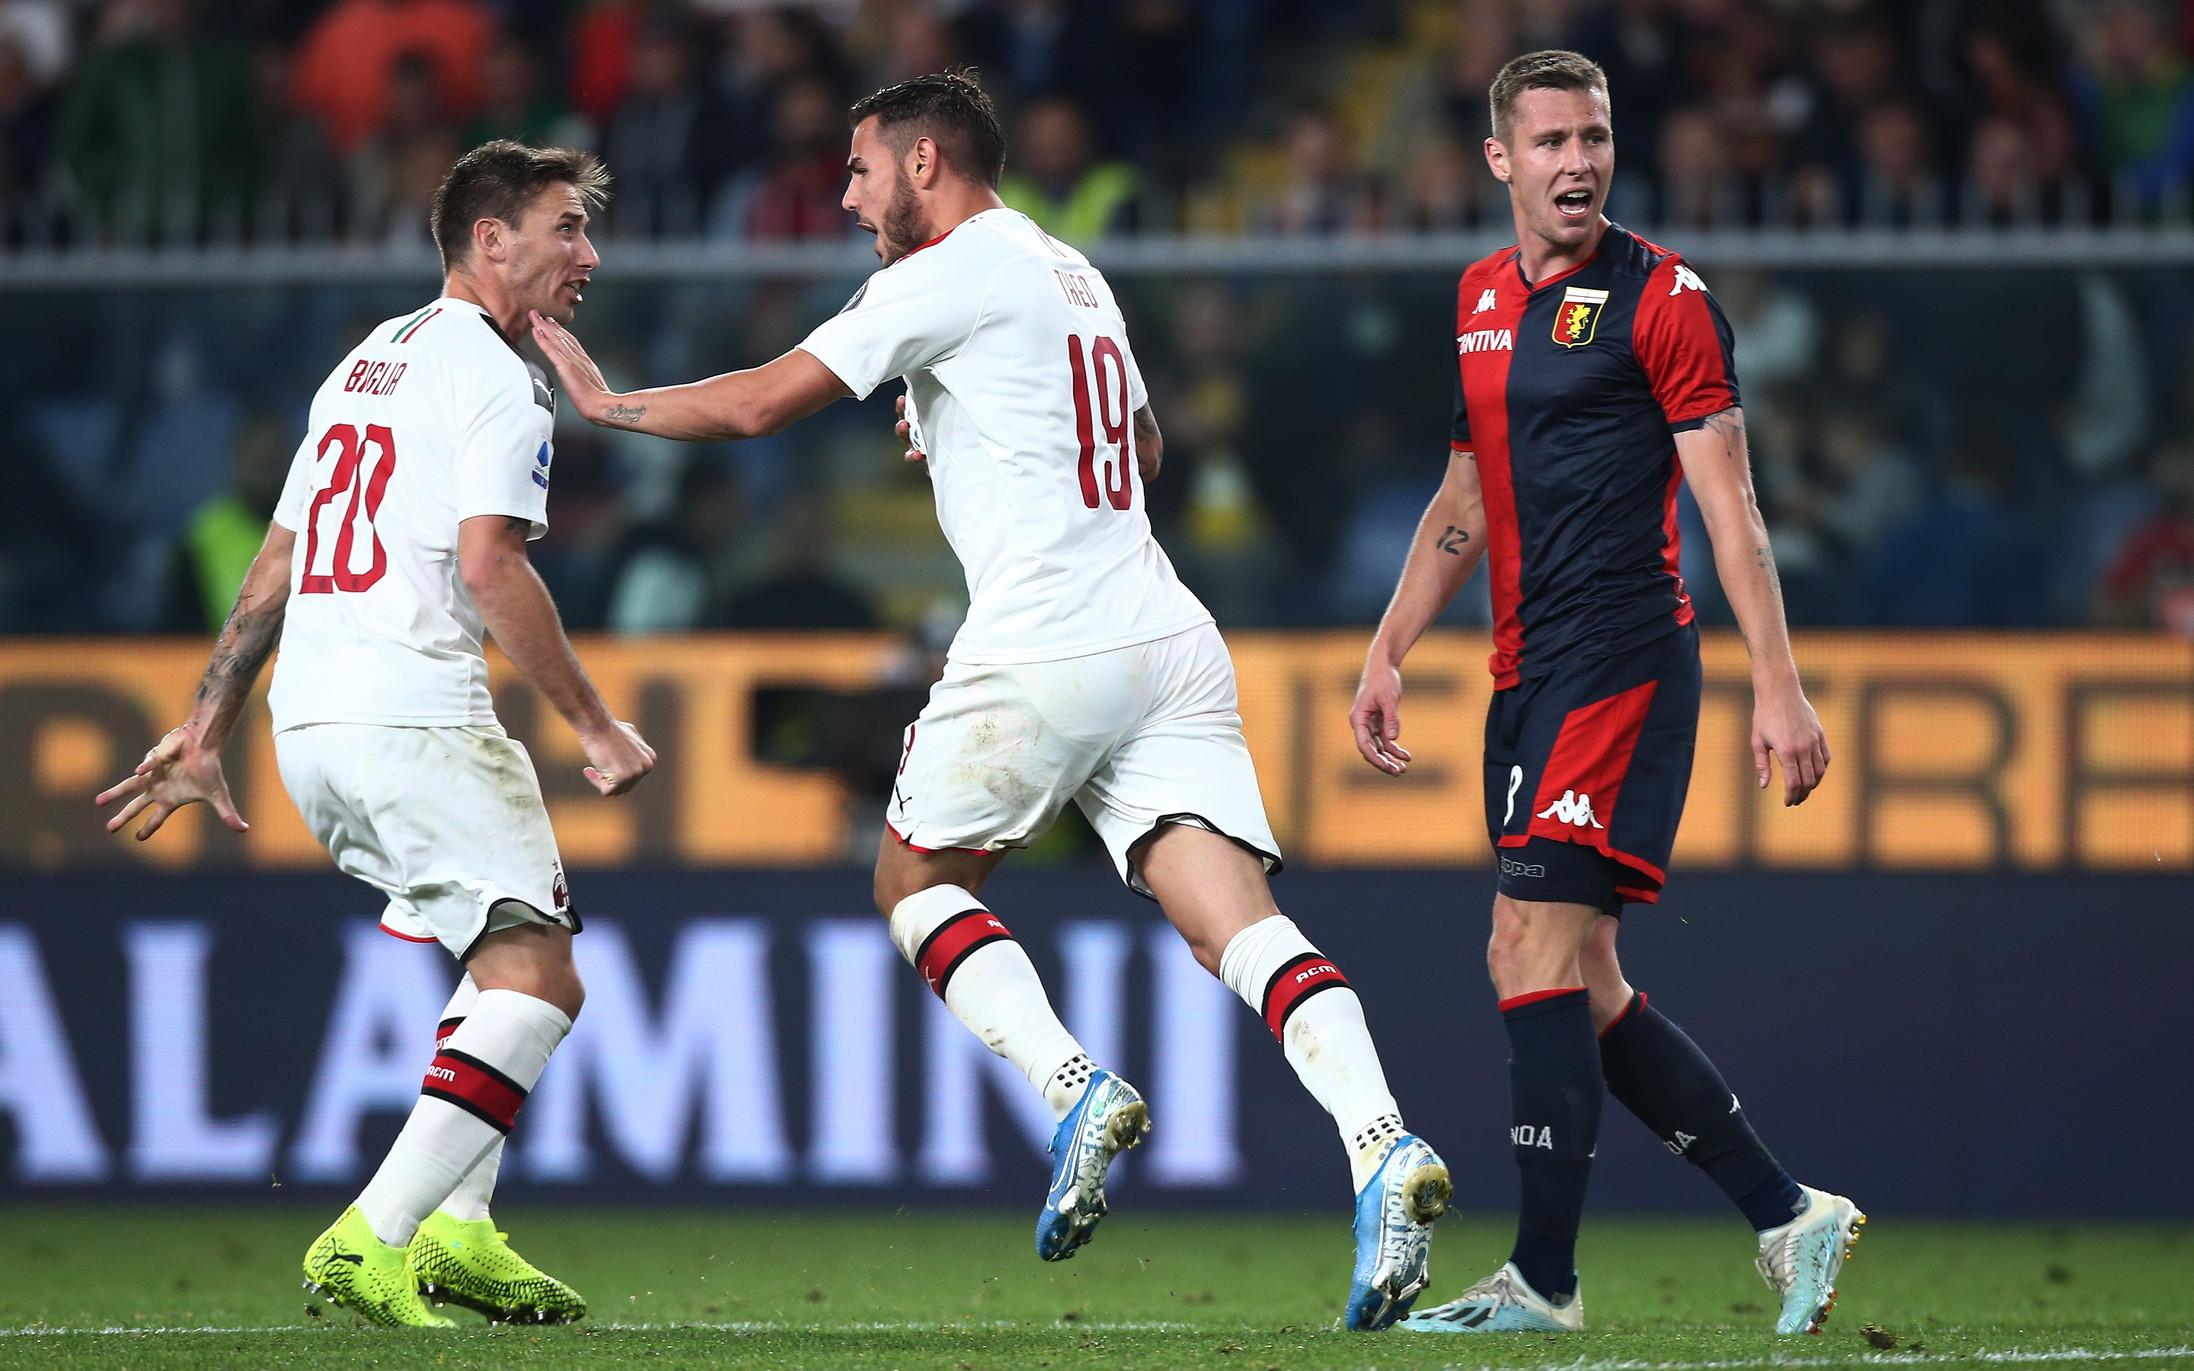 Le immagini più belle della sfida di Genova tra rossoblù e rossoneri